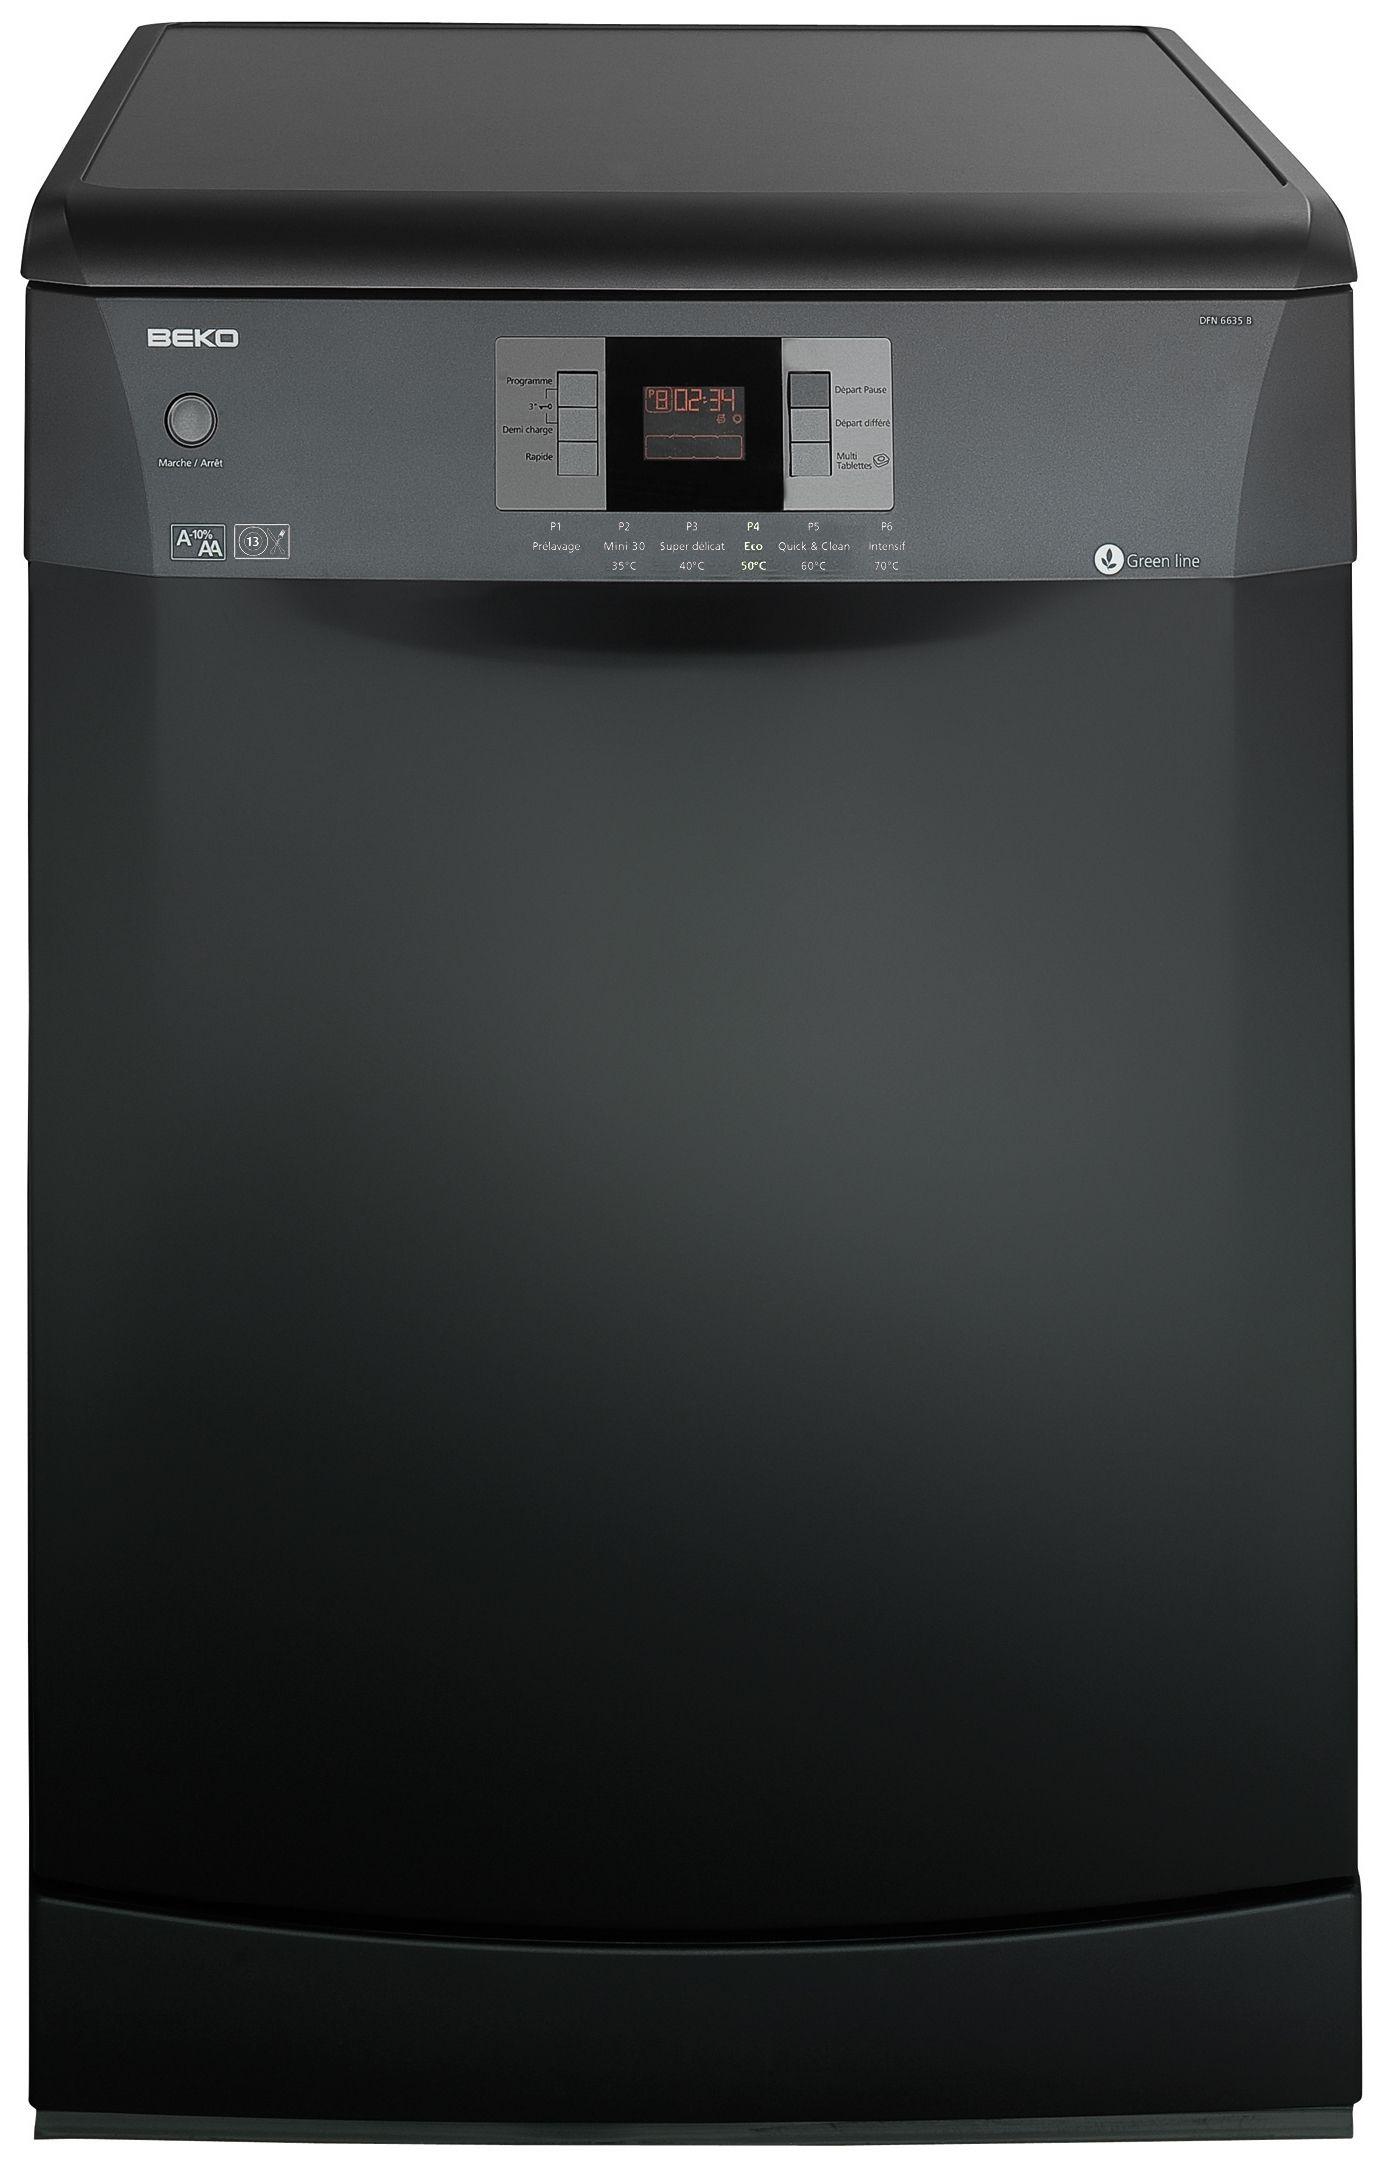 Beko dfn 6635 b lave vaisselle 13 couverts achat vente - Lave vaisselle noir brillant ...